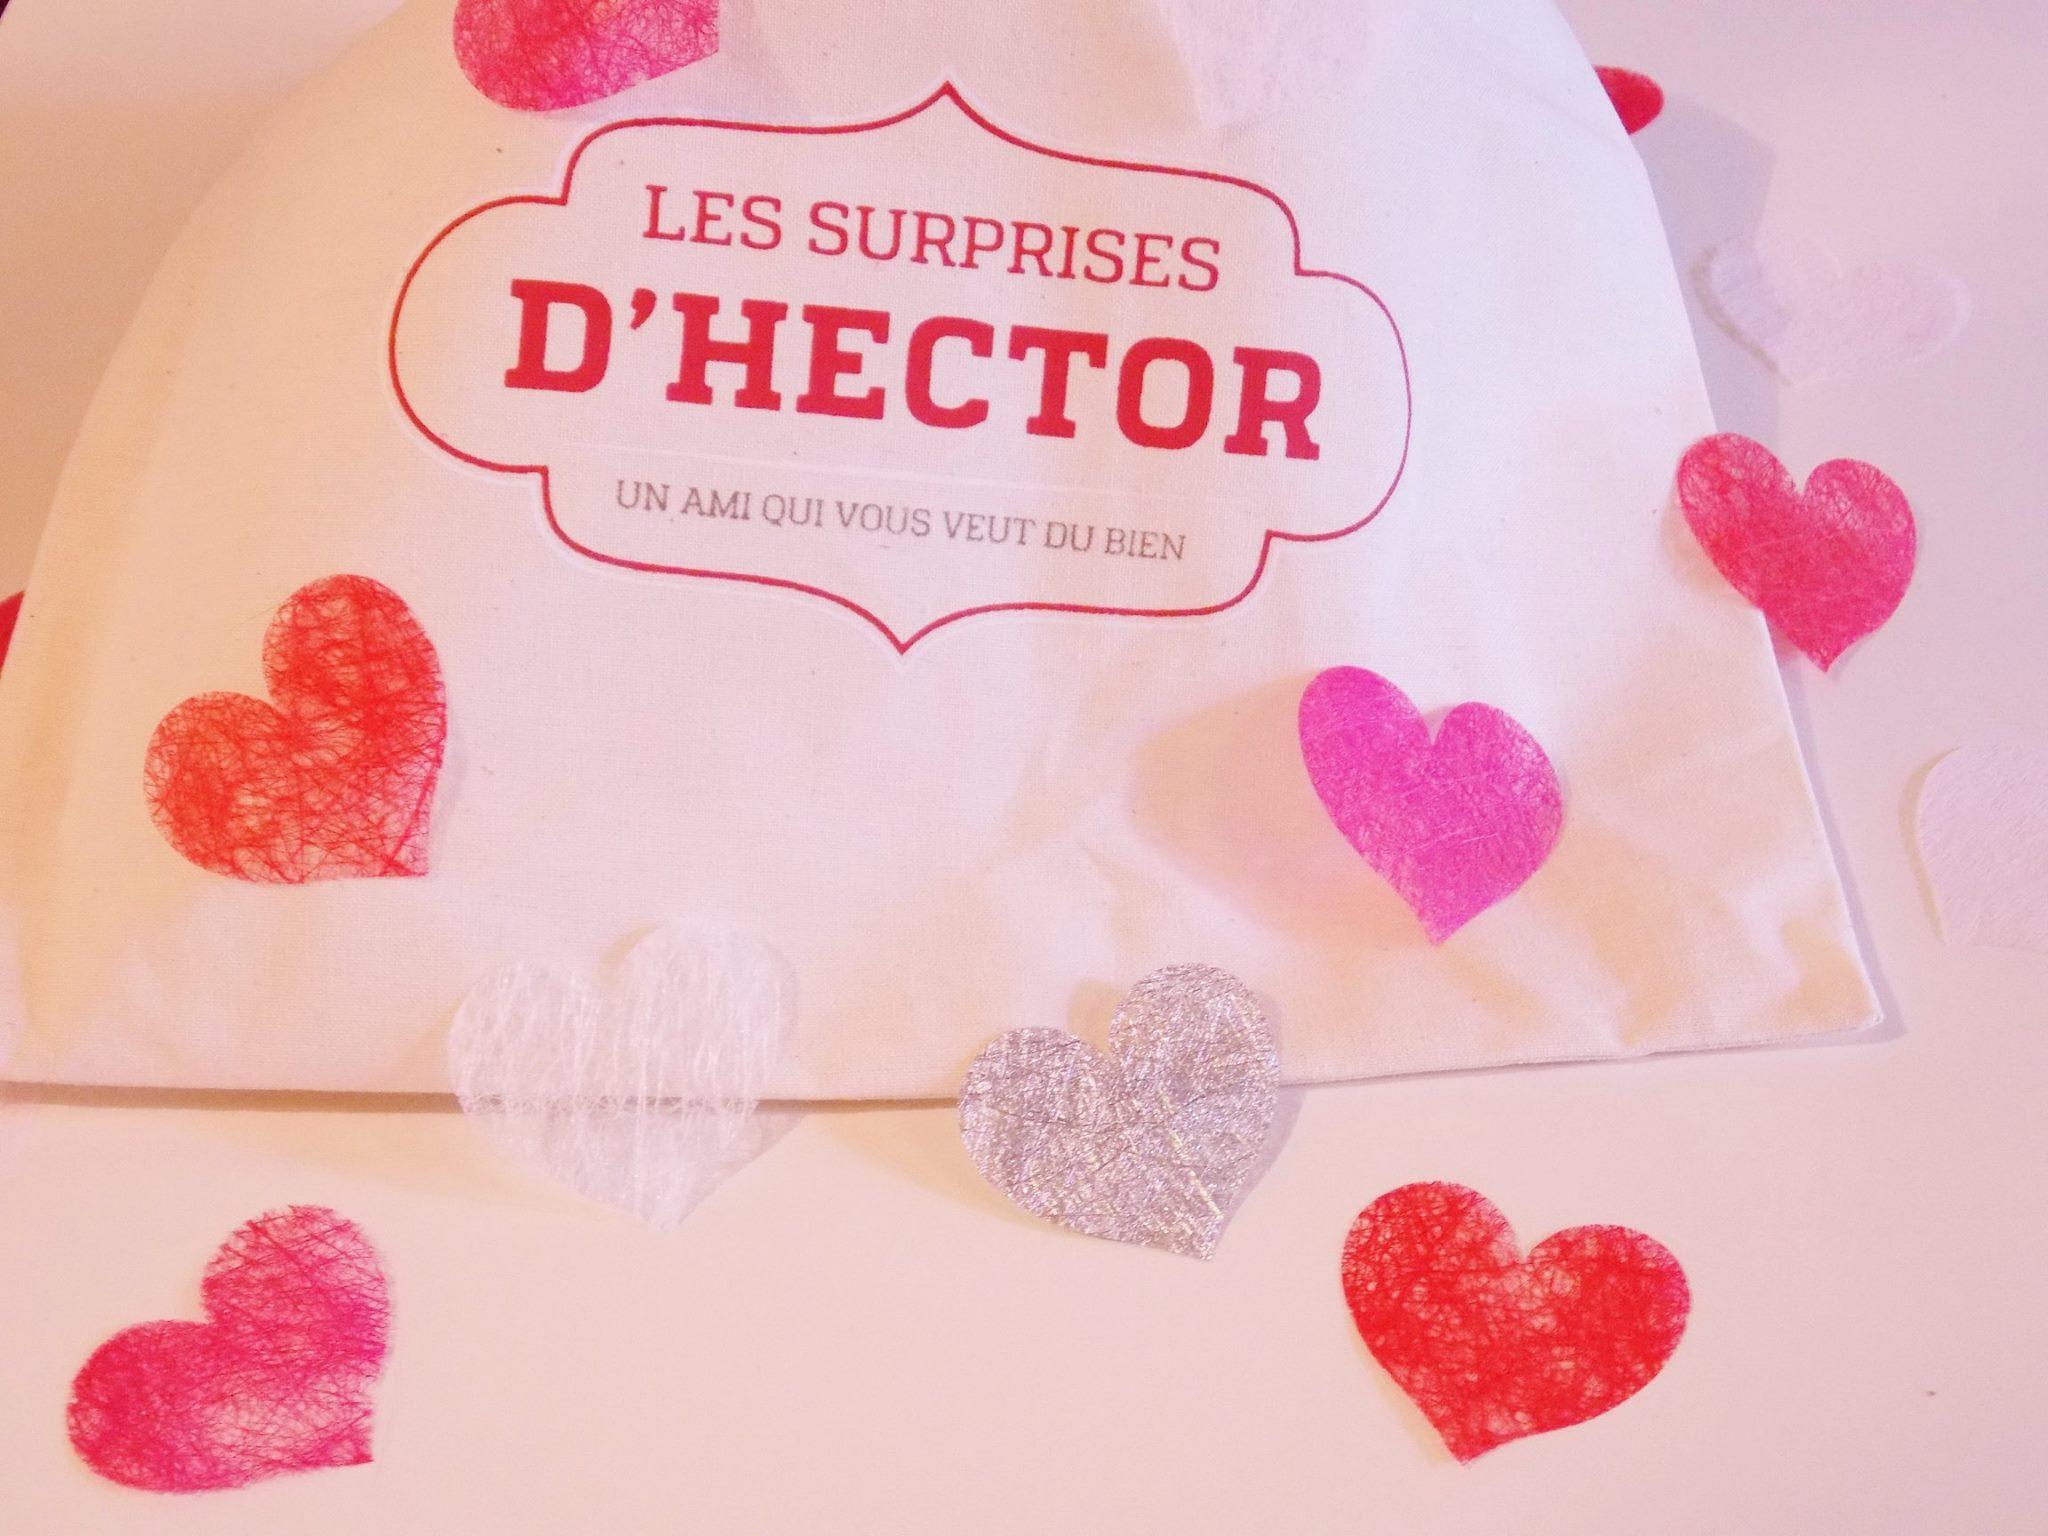 les surprises d'hector saint valentin